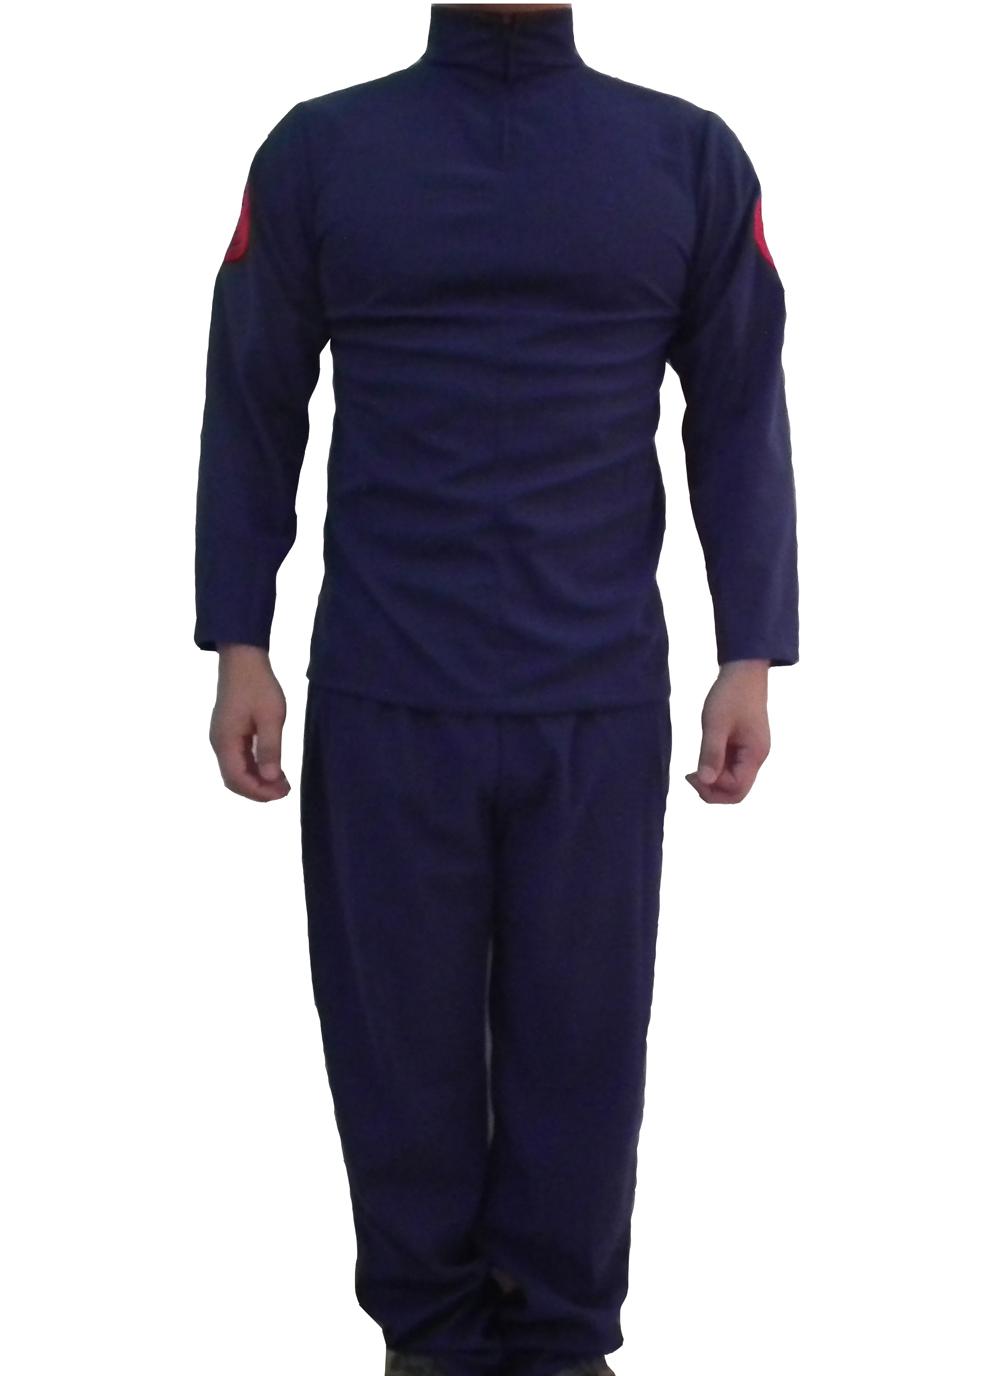 易猫-火影忍者 卡卡西cosplay 戎装 内衣 上忍内衣 阿斯玛 服装